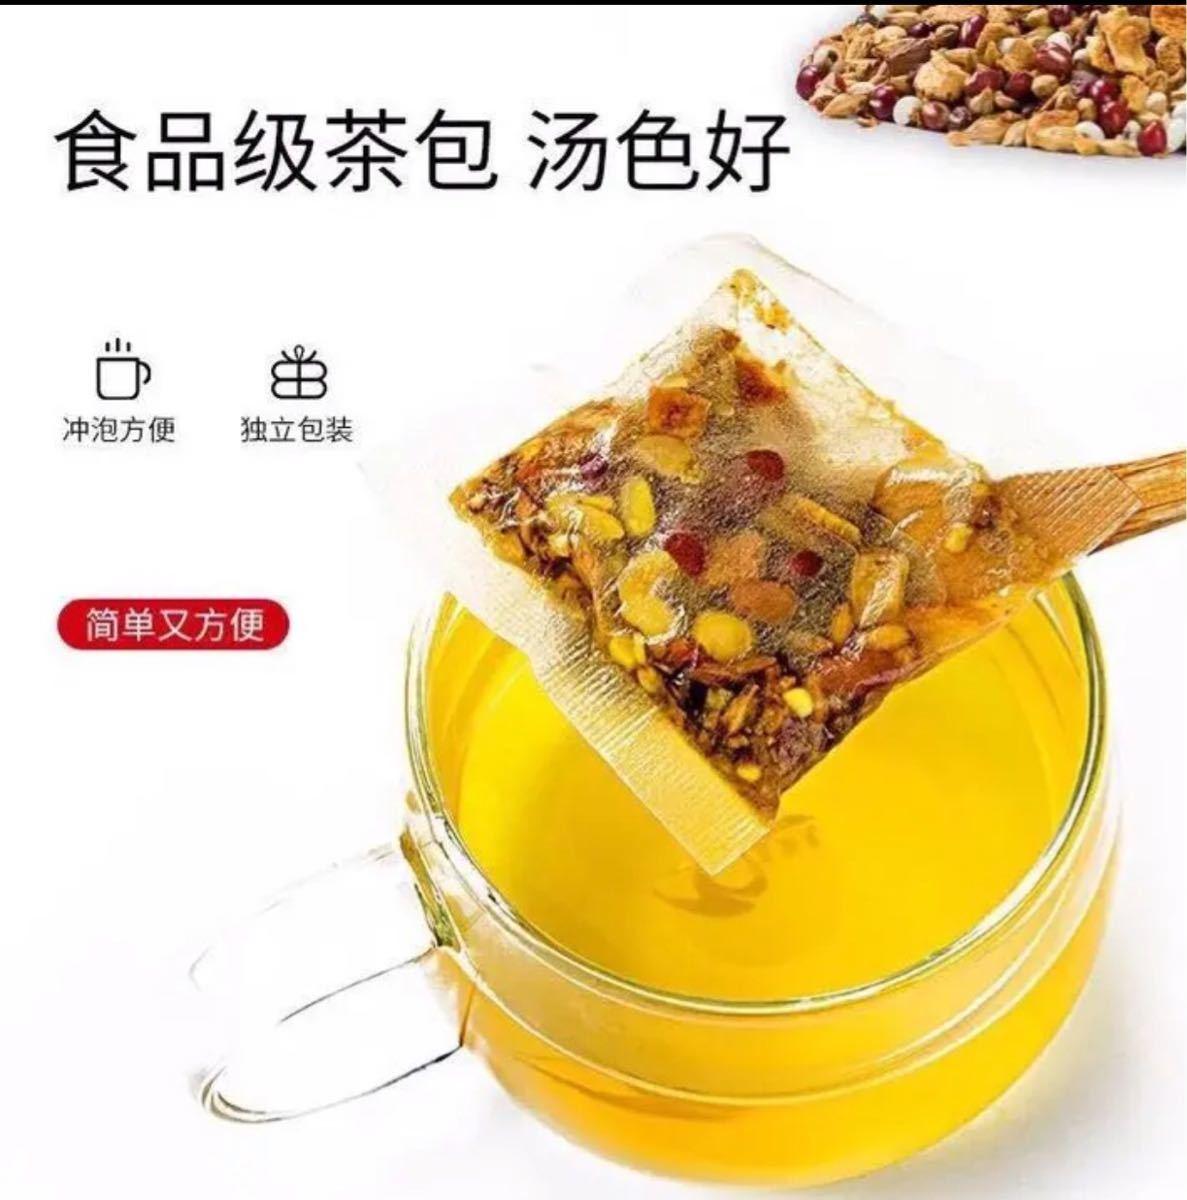 除湿茶1個30P装湿气北京同仁堂豆米濕茶去湿气赤小豆仁去湿茶花茶合生茶体内に湿邪を取れるお茶です。